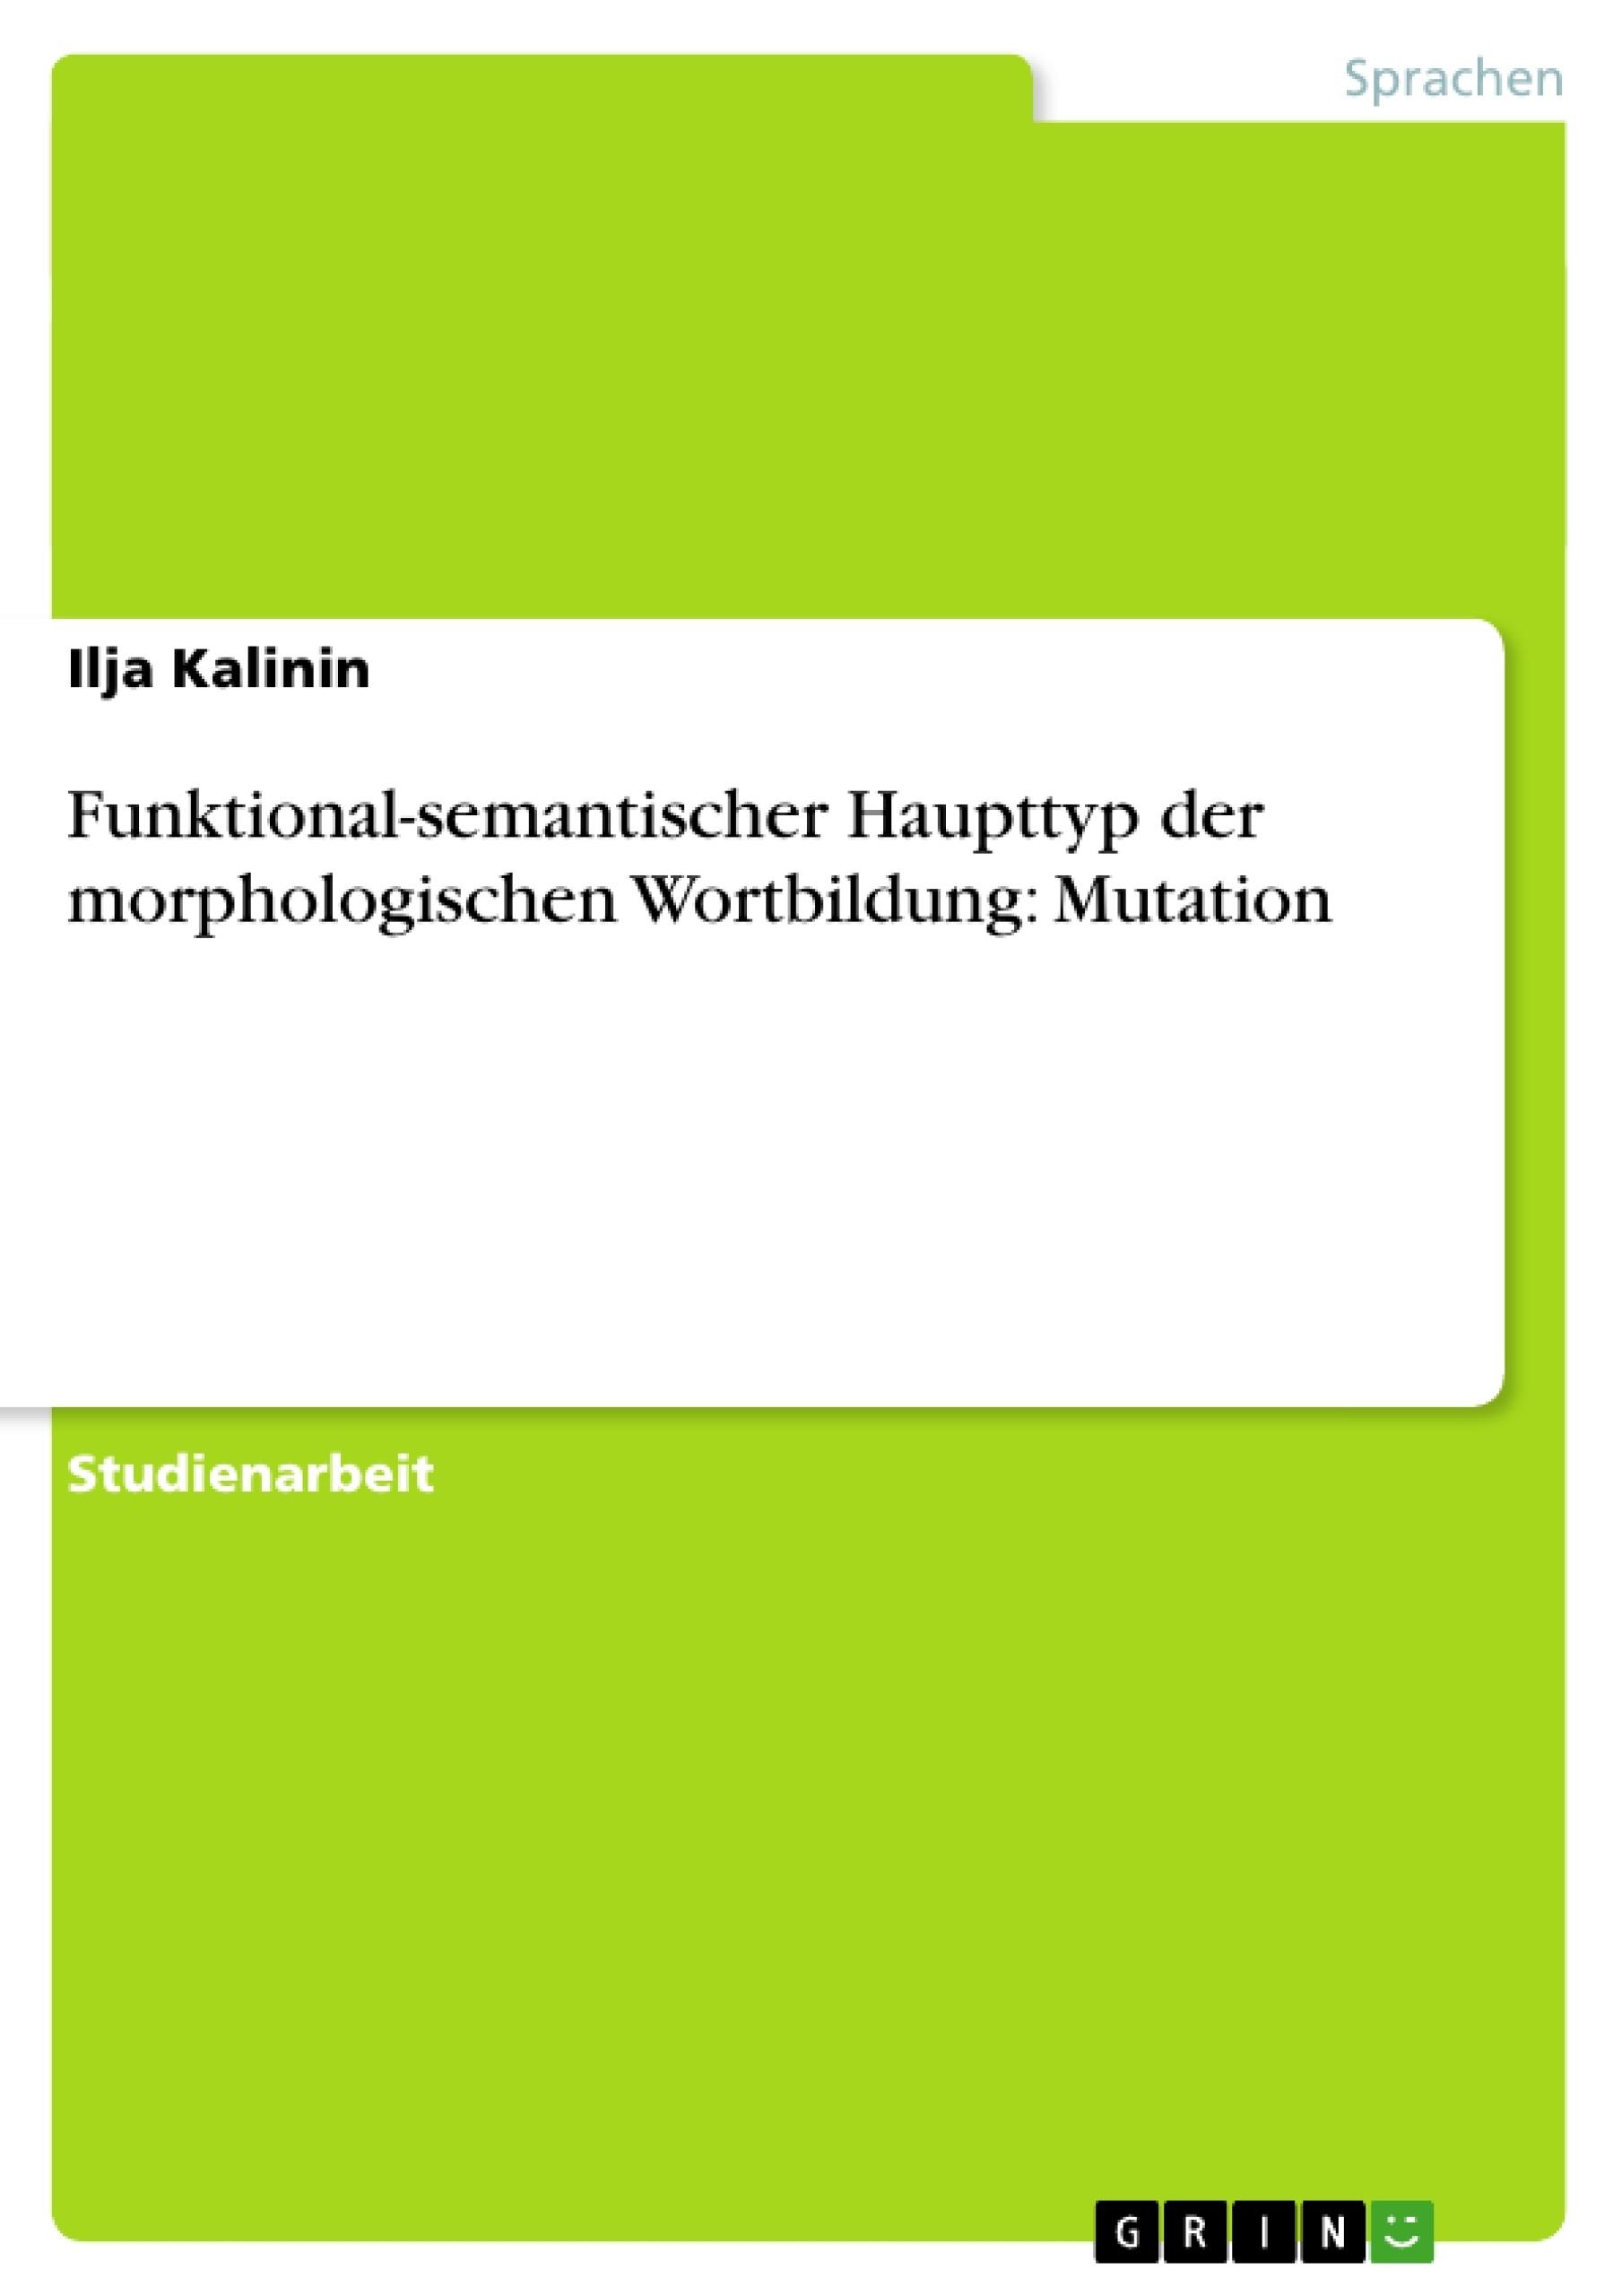 Titel: Funktional-semantischer Haupttyp der morphologischen Wortbildung: Mutation